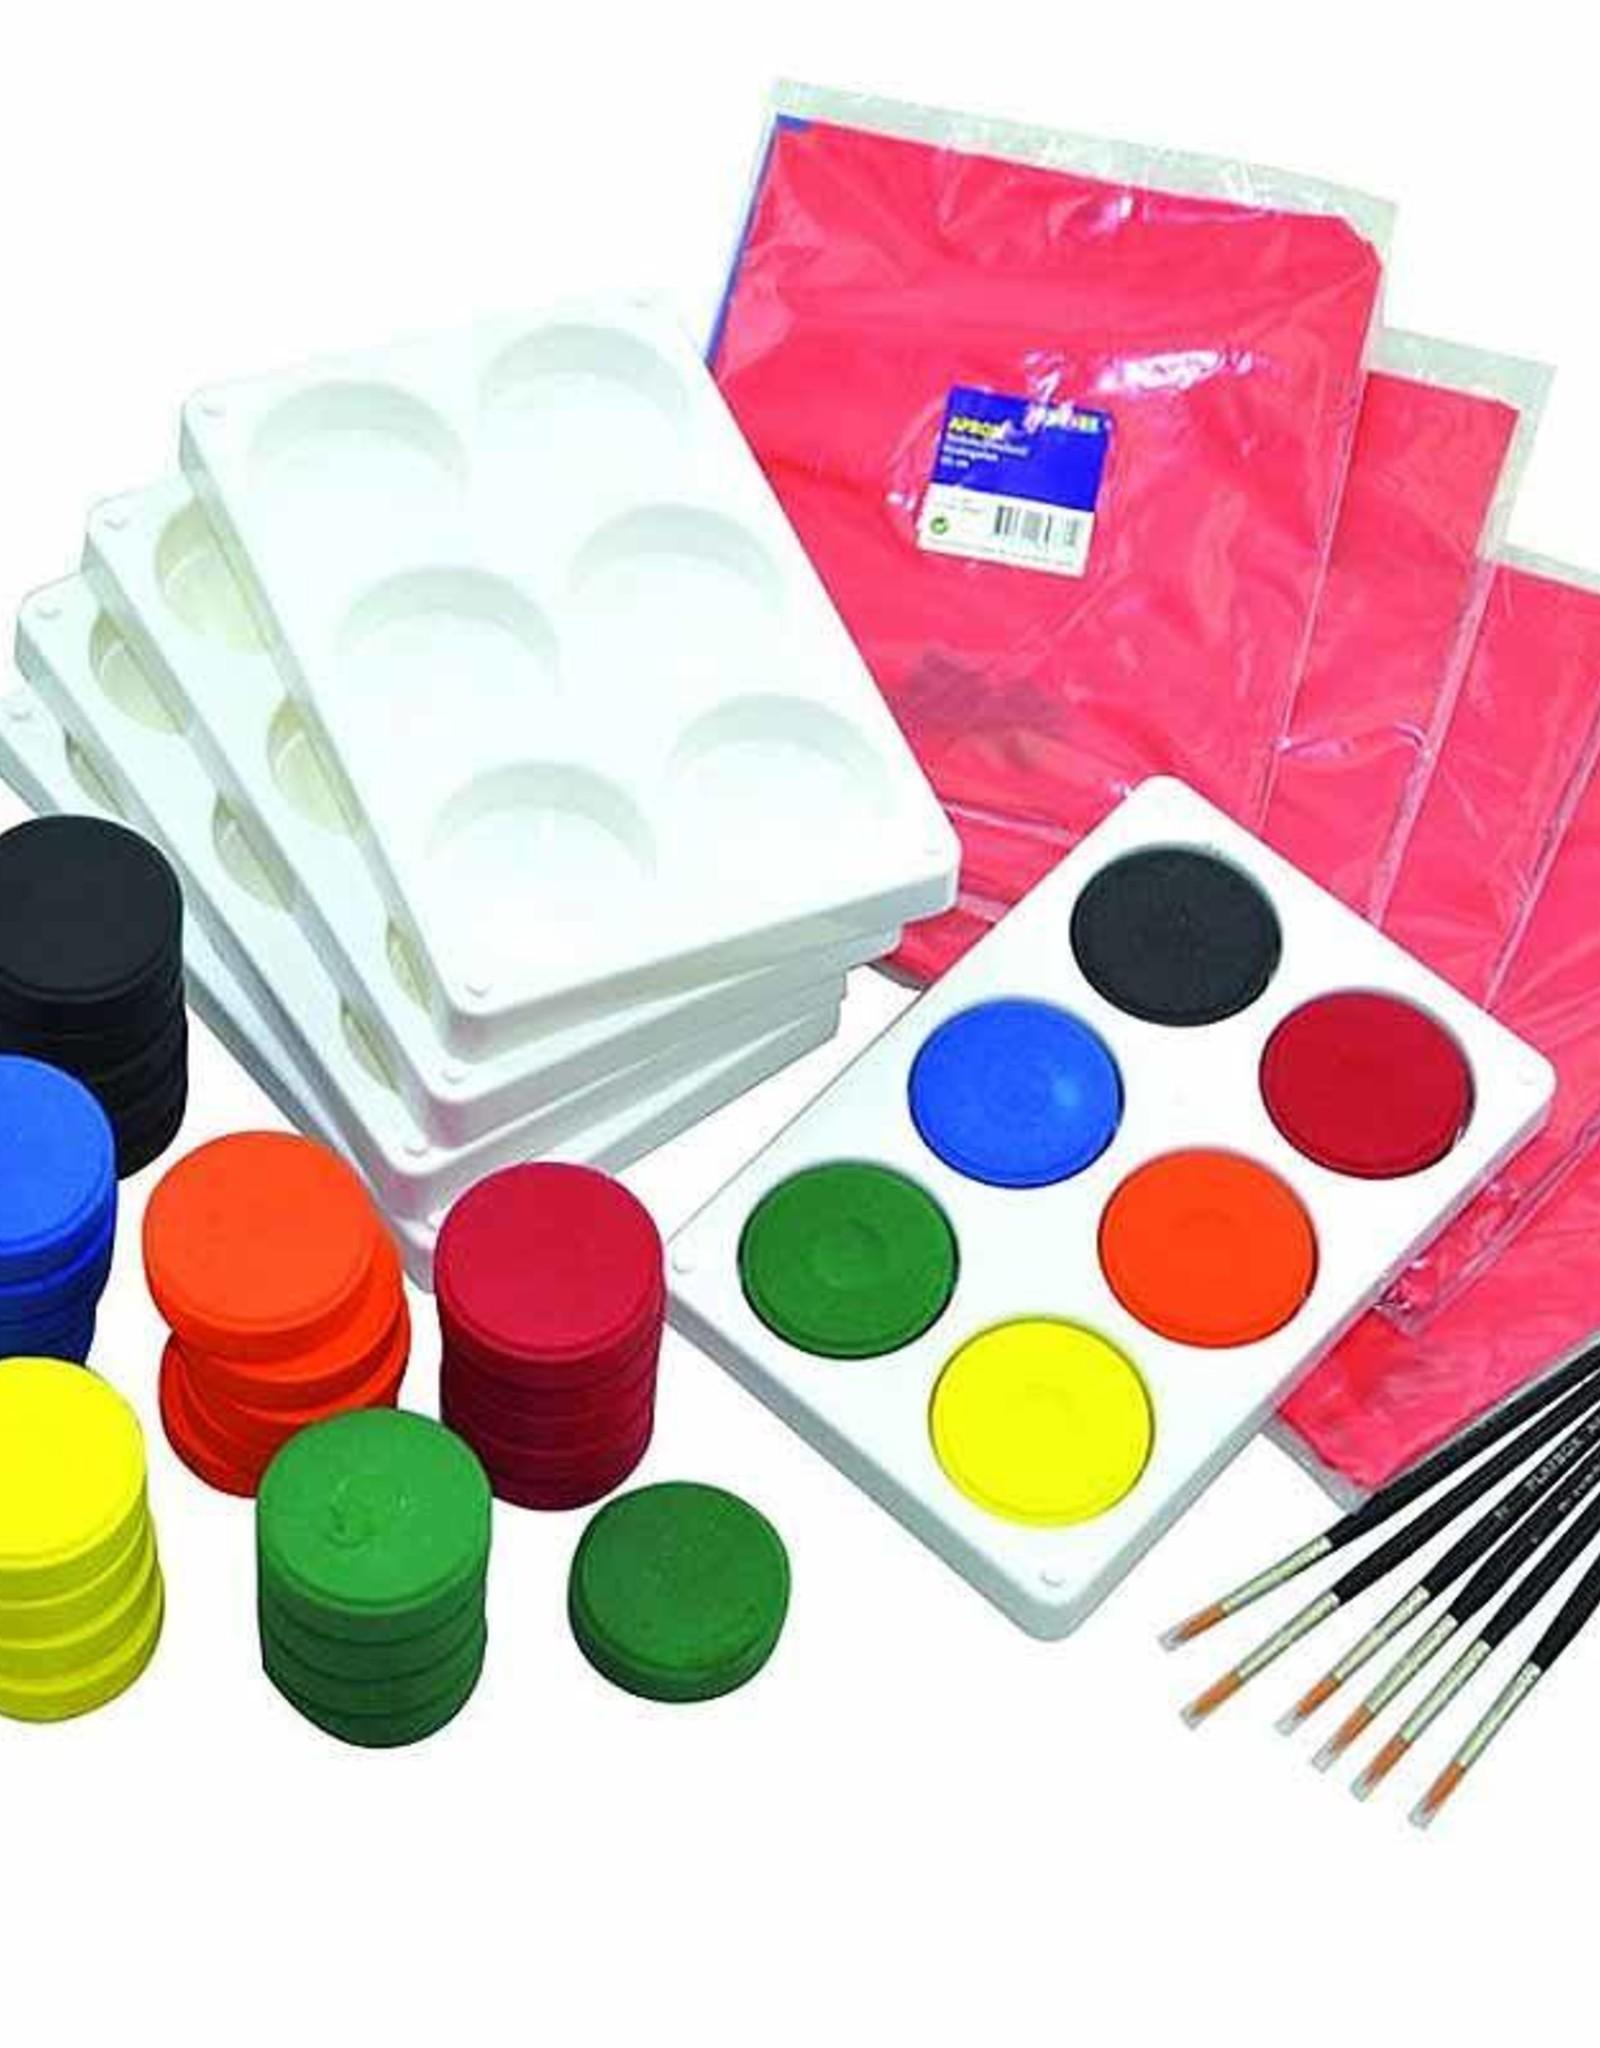 Playbox  Grote schilderdoos met verfdozen, penselen en schorten